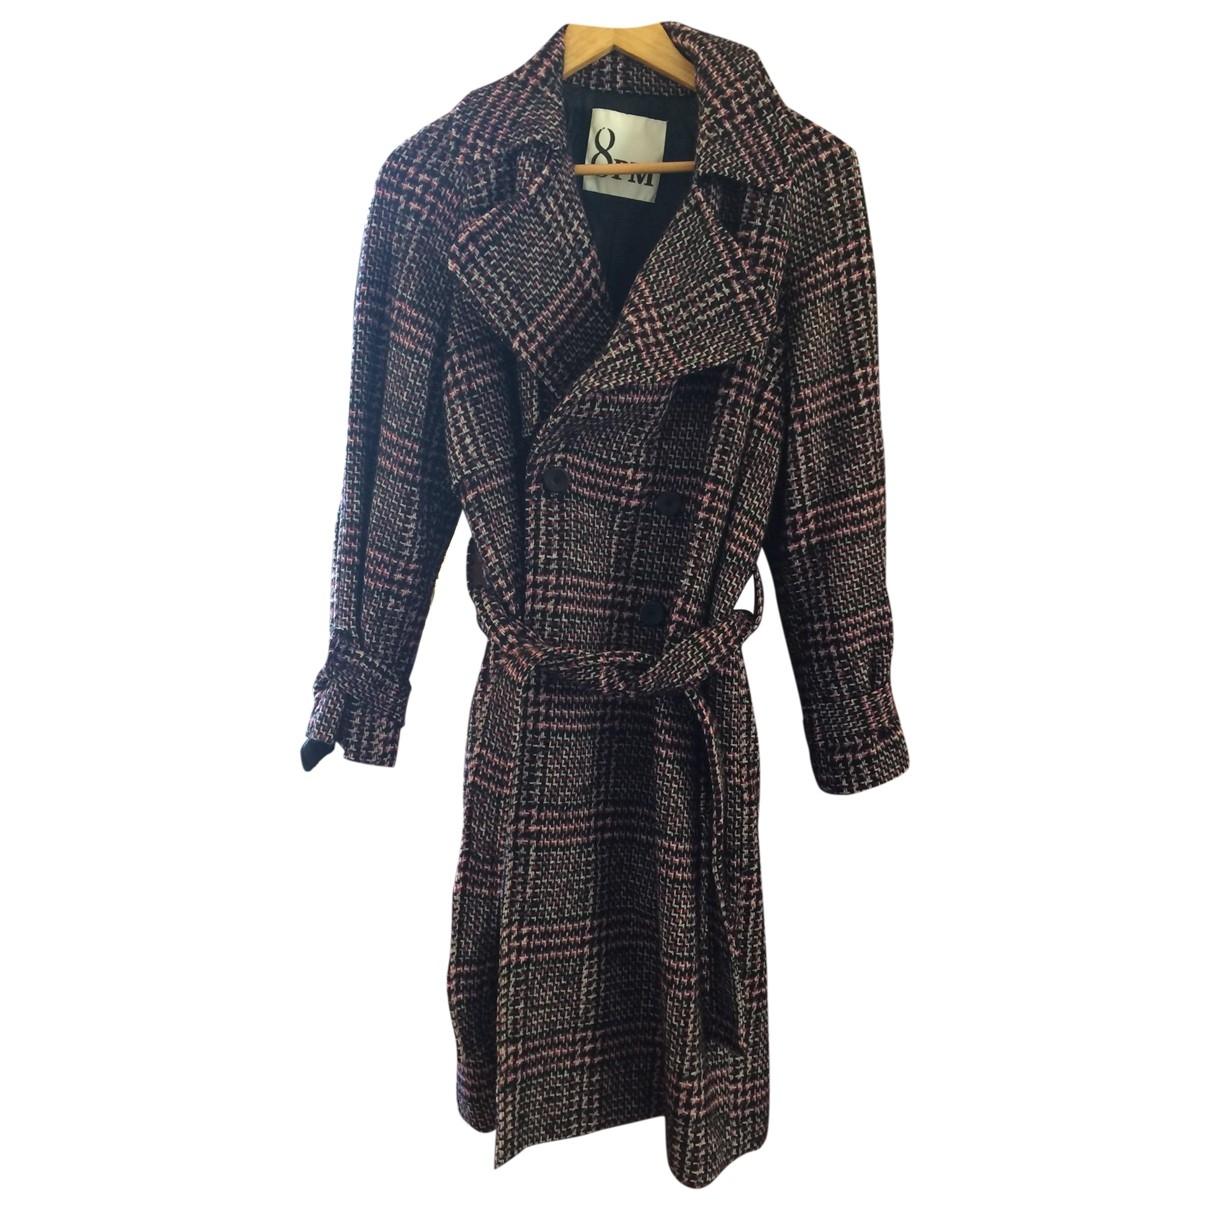 8pm \N Multicolour Wool coat for Women XXS International